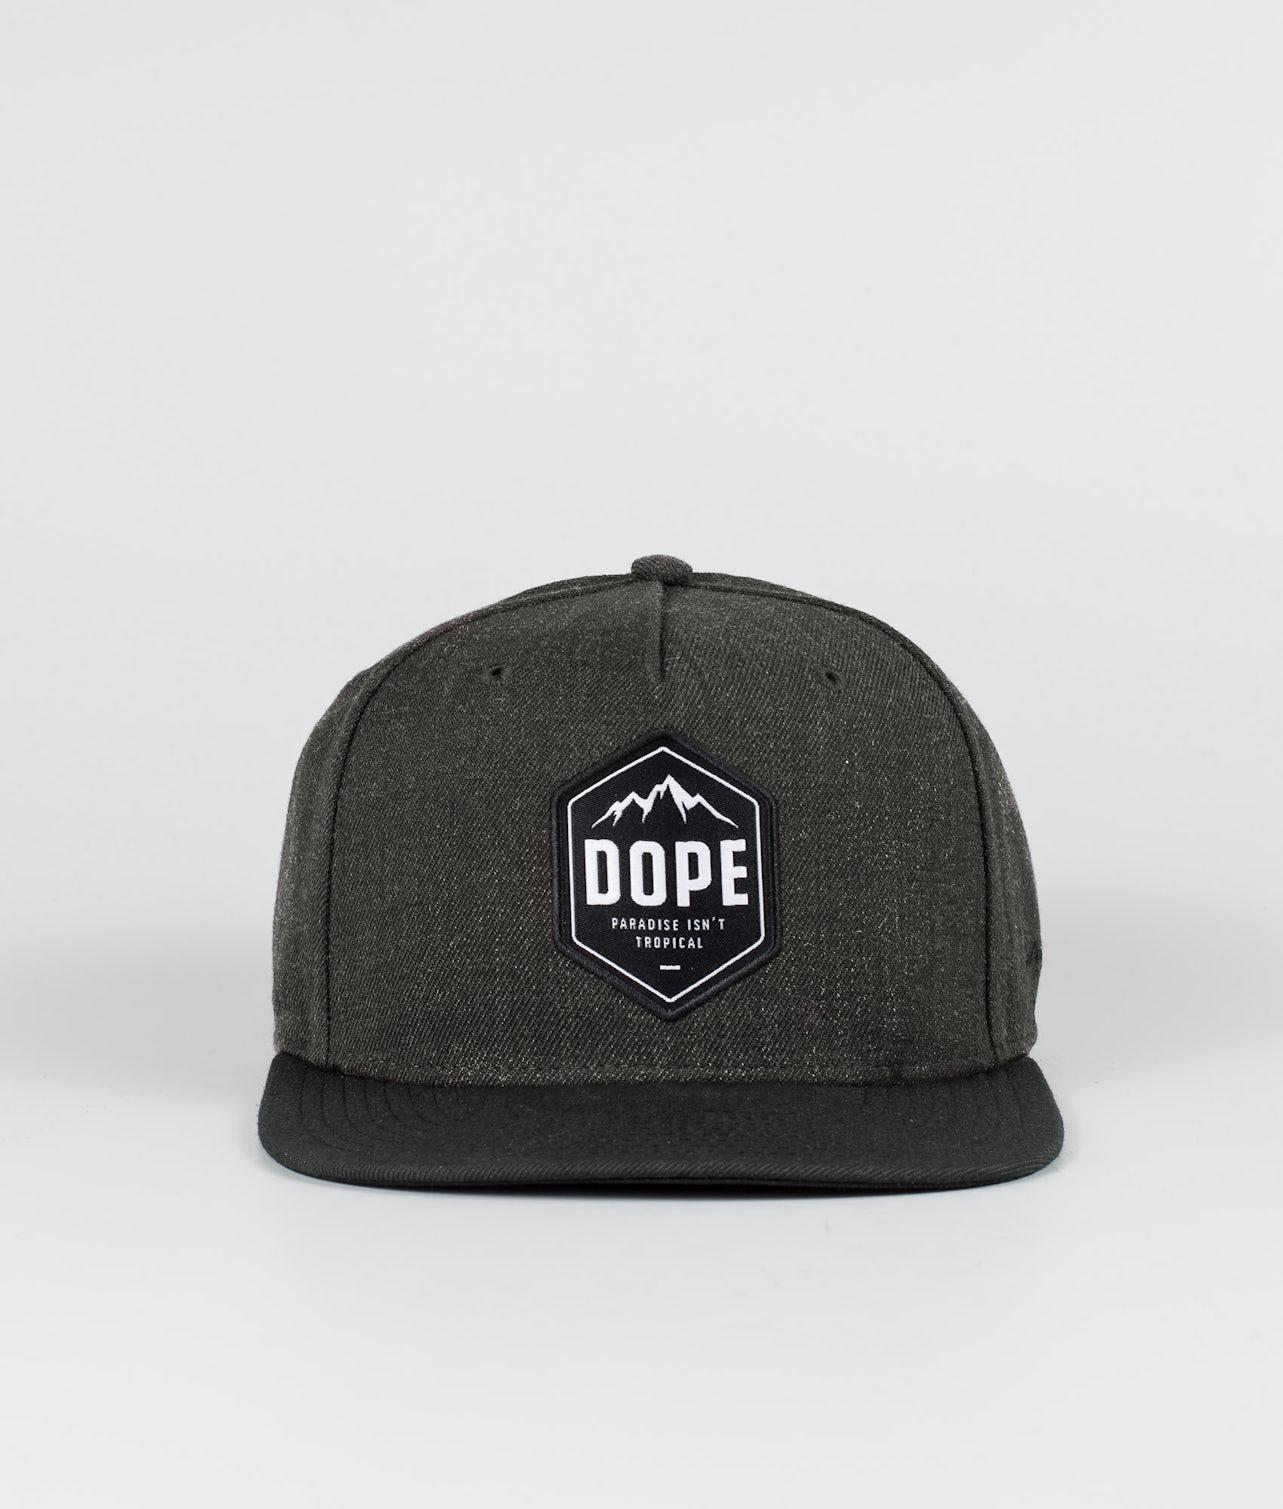 Kaufe Patched Cap von Dope bei Ridestore.de - Kostenloser, schneller Versand & Rückversand.